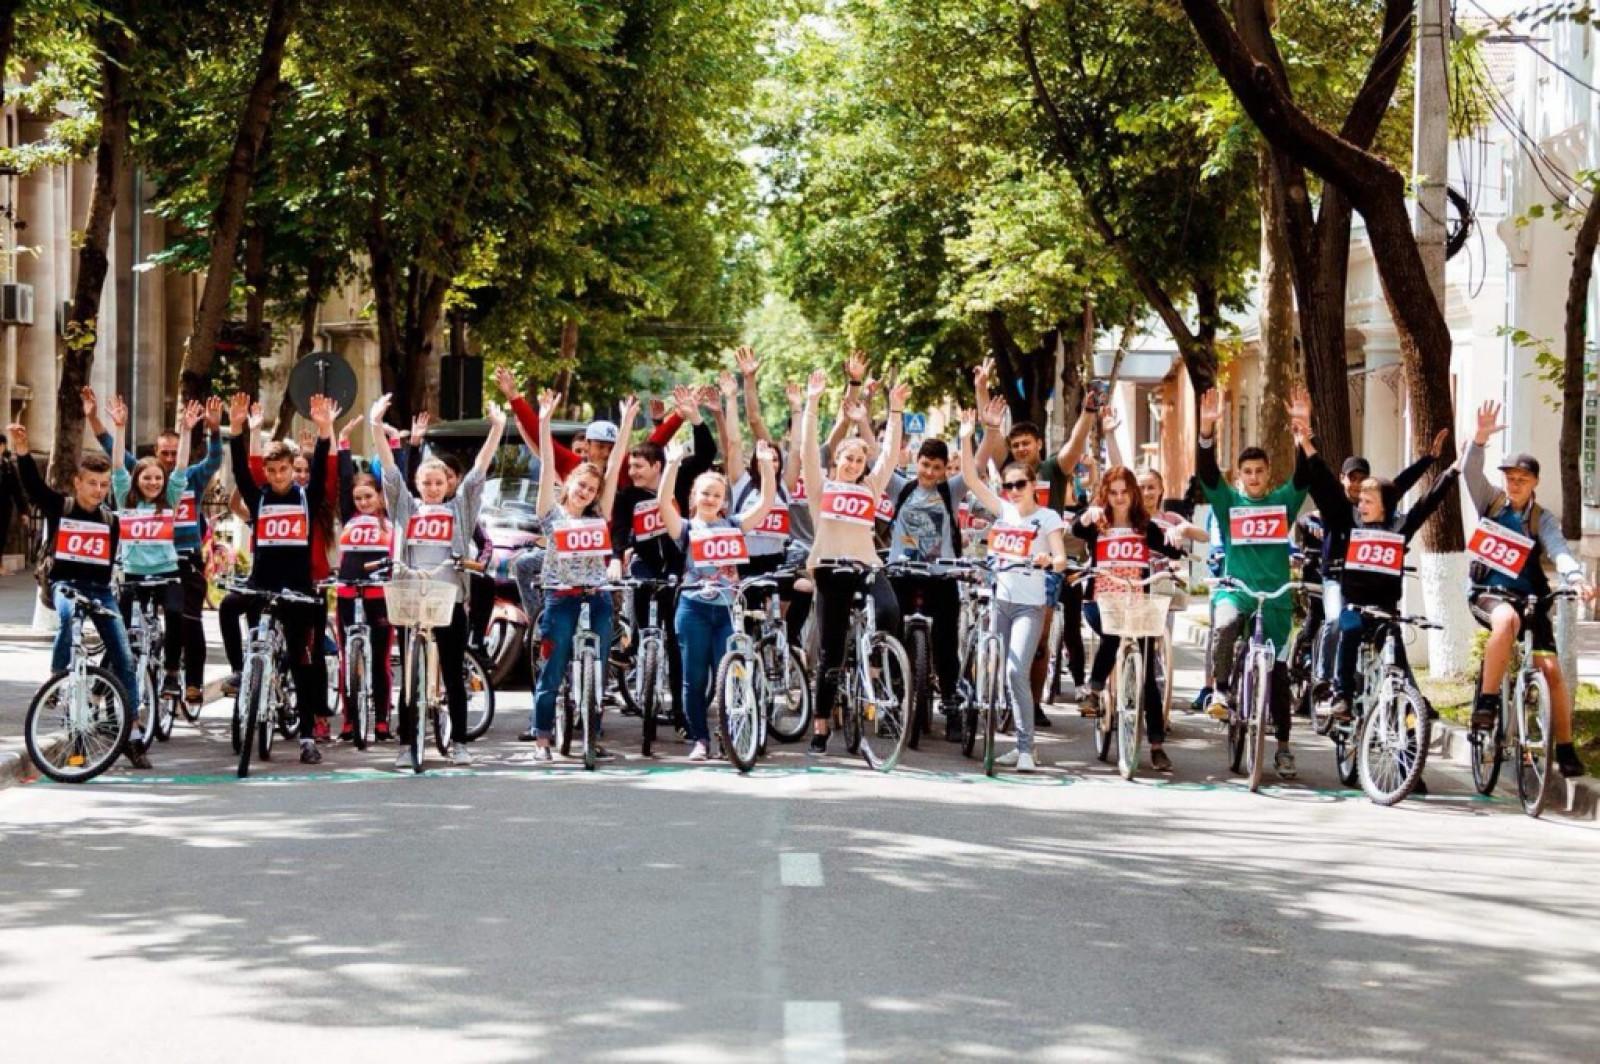 (foto) Ziua Sportivului marcată de Primăria Orhei: Maraton de ciclism și alte competiții sportive